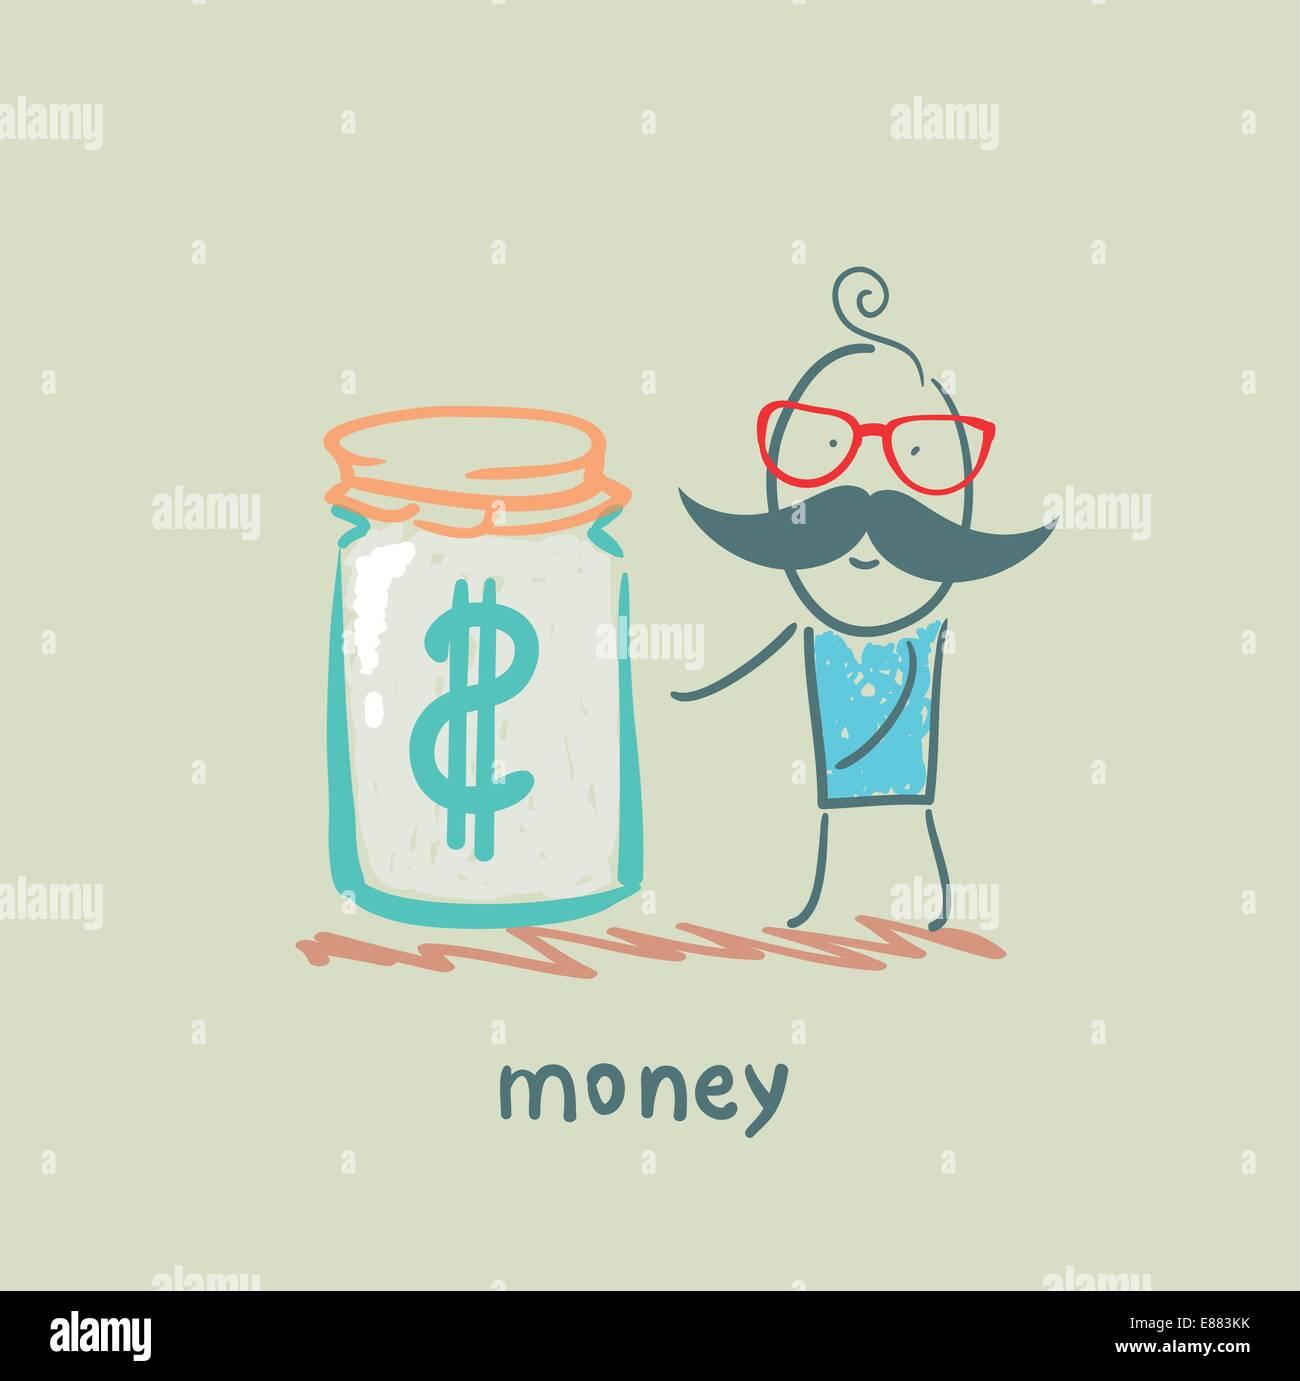 money Stock Vector